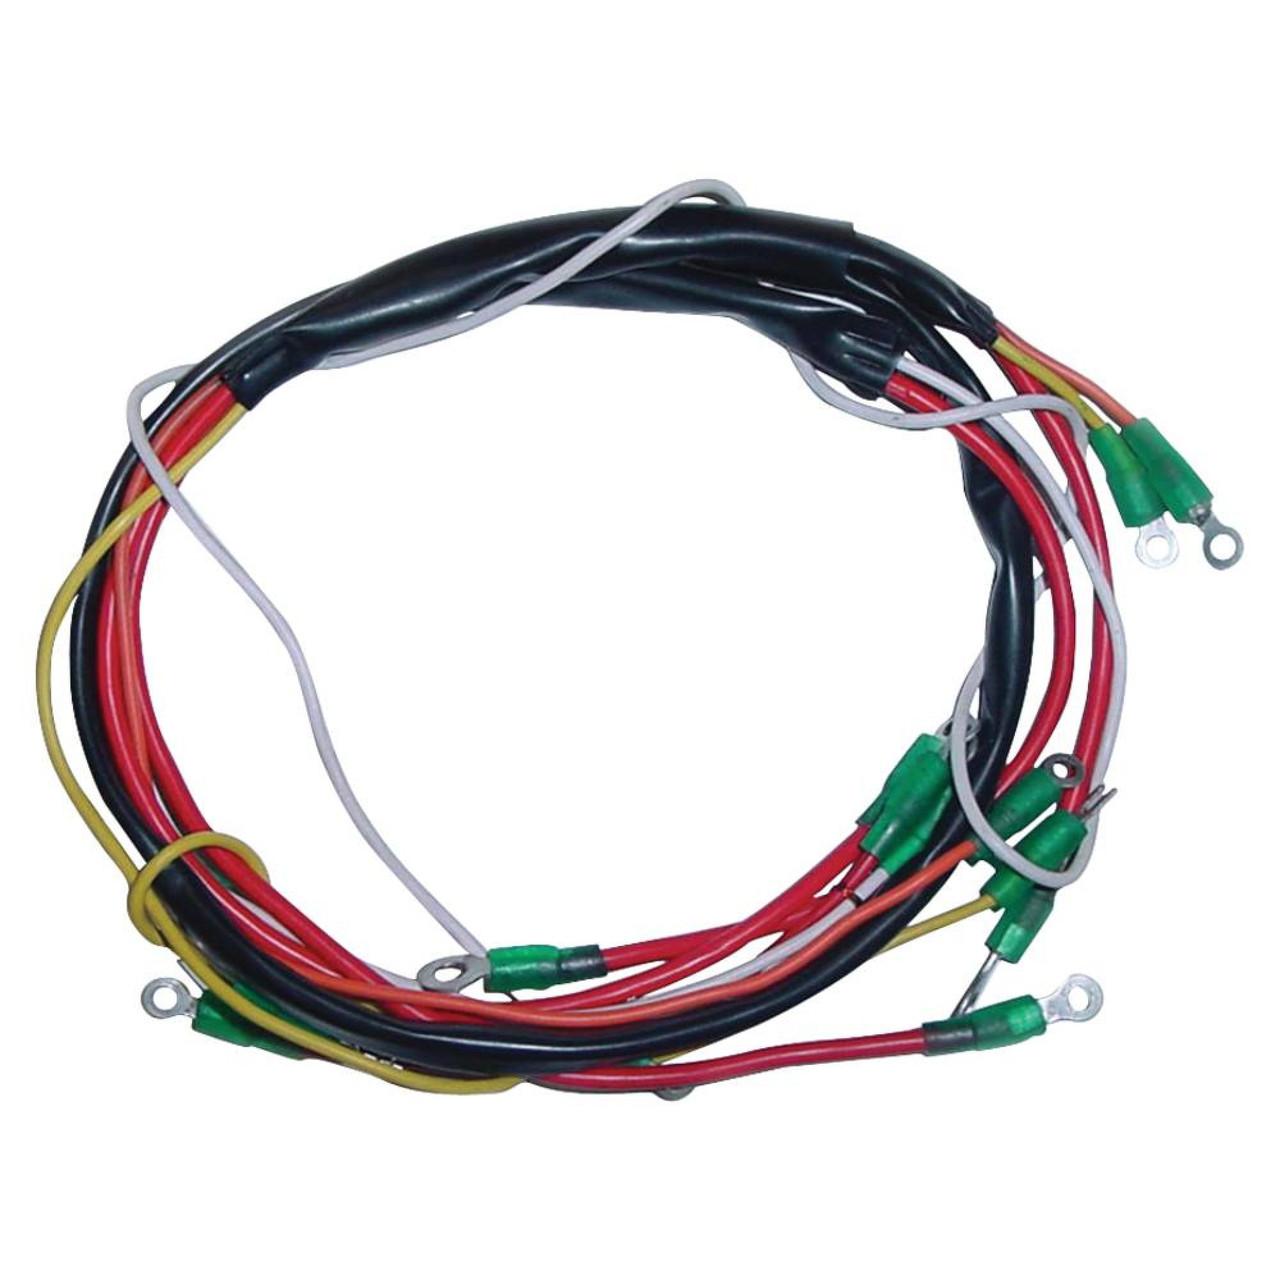 Kubota Wiring Harness Replacement on kubota radio harness, kubota tractor wiring diagrams, kubota alternator, kubota voltage regulator, kubota cylinder head, kubota fuel pump, kubota accessories,